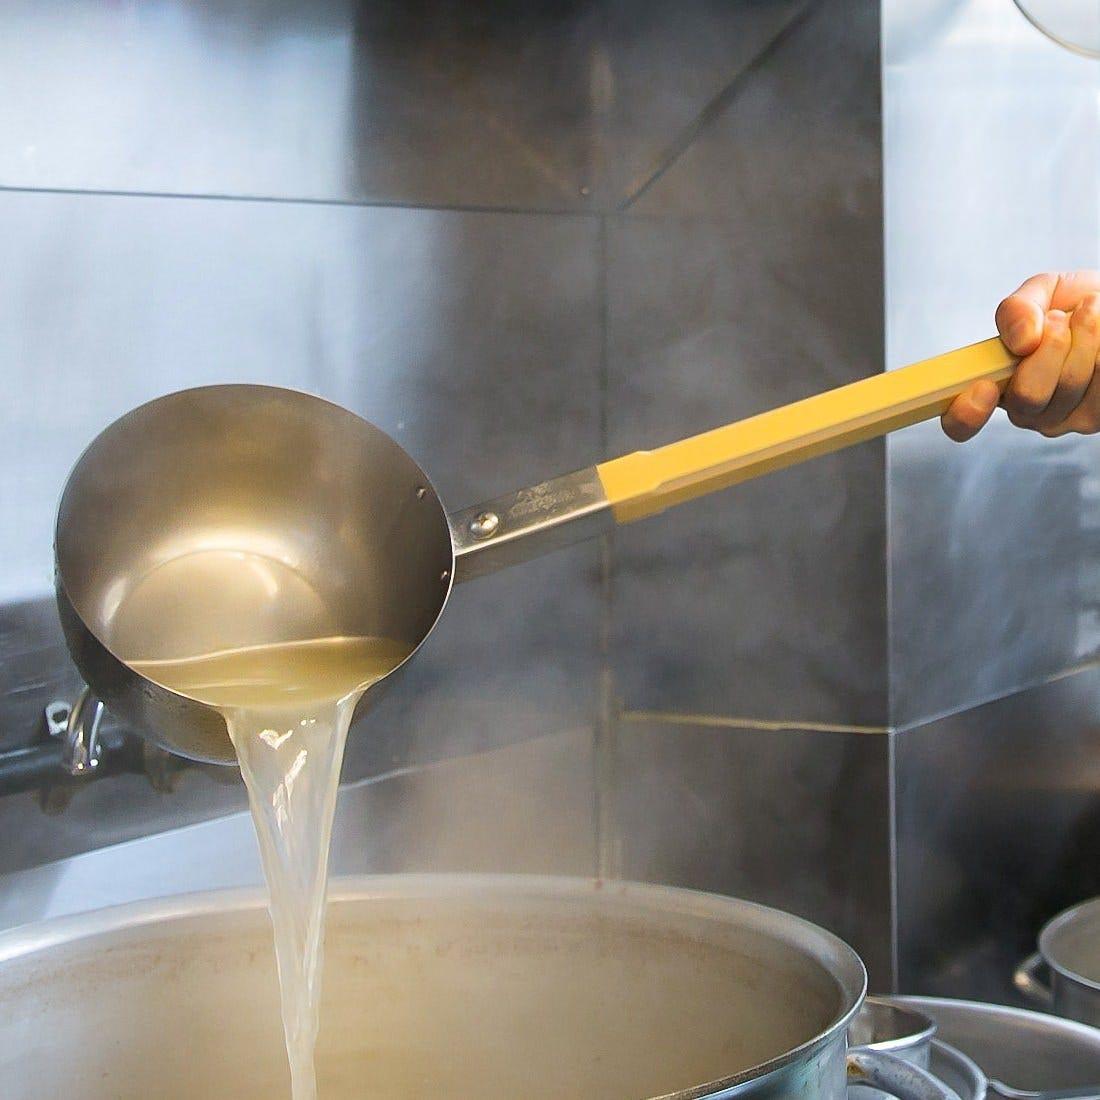 濱田屋の水炊きが美味しい理由